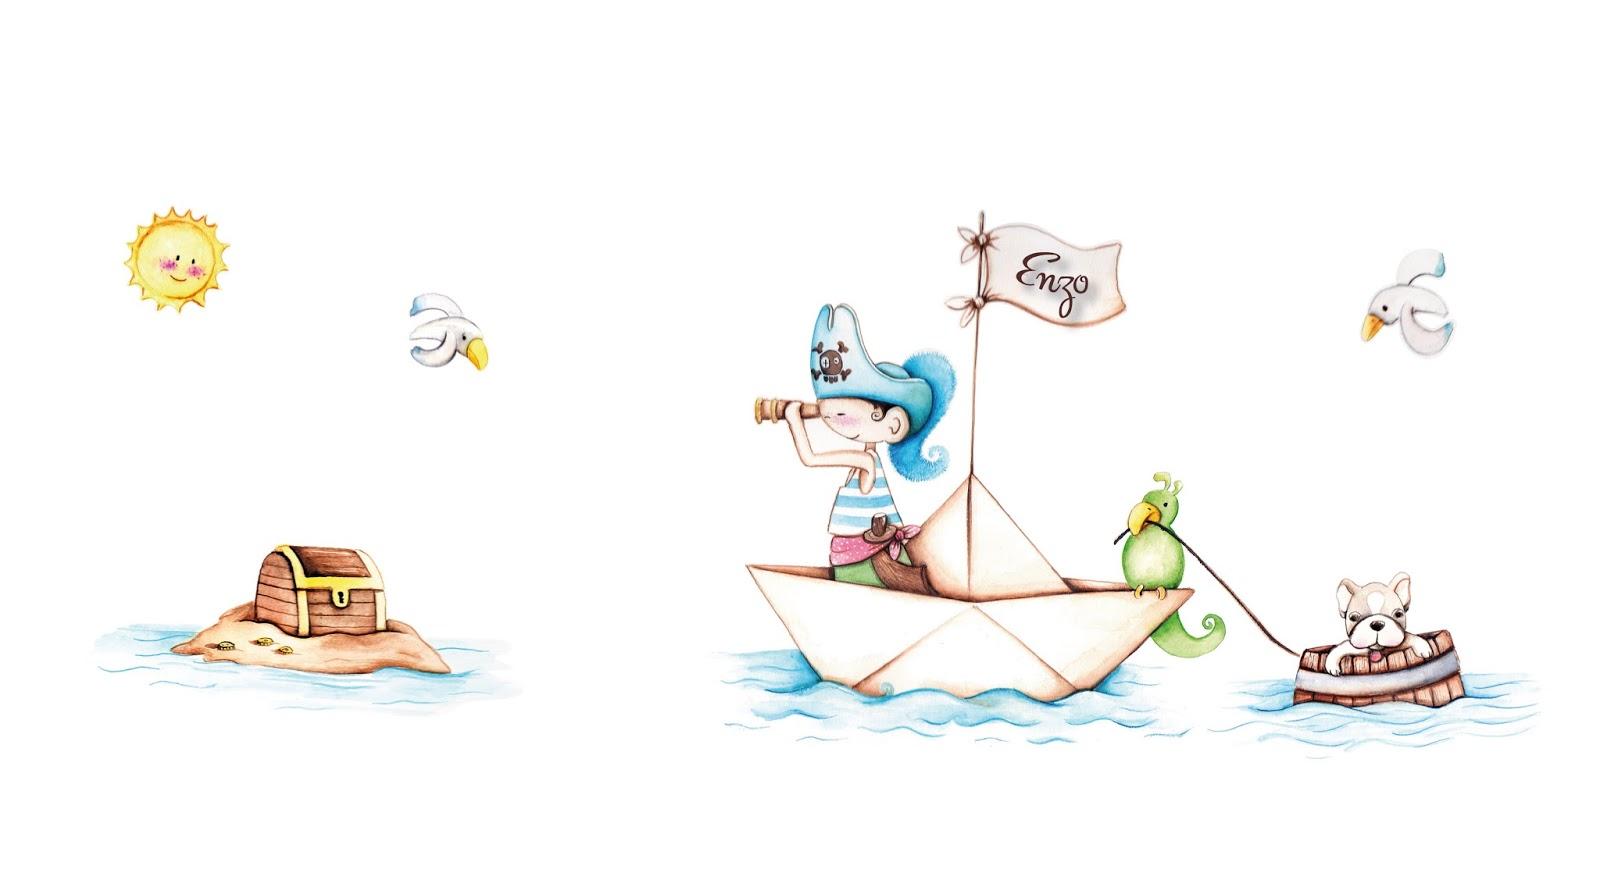 Decopared vinilos de piratas personalizados - Papel pintado piratas ...